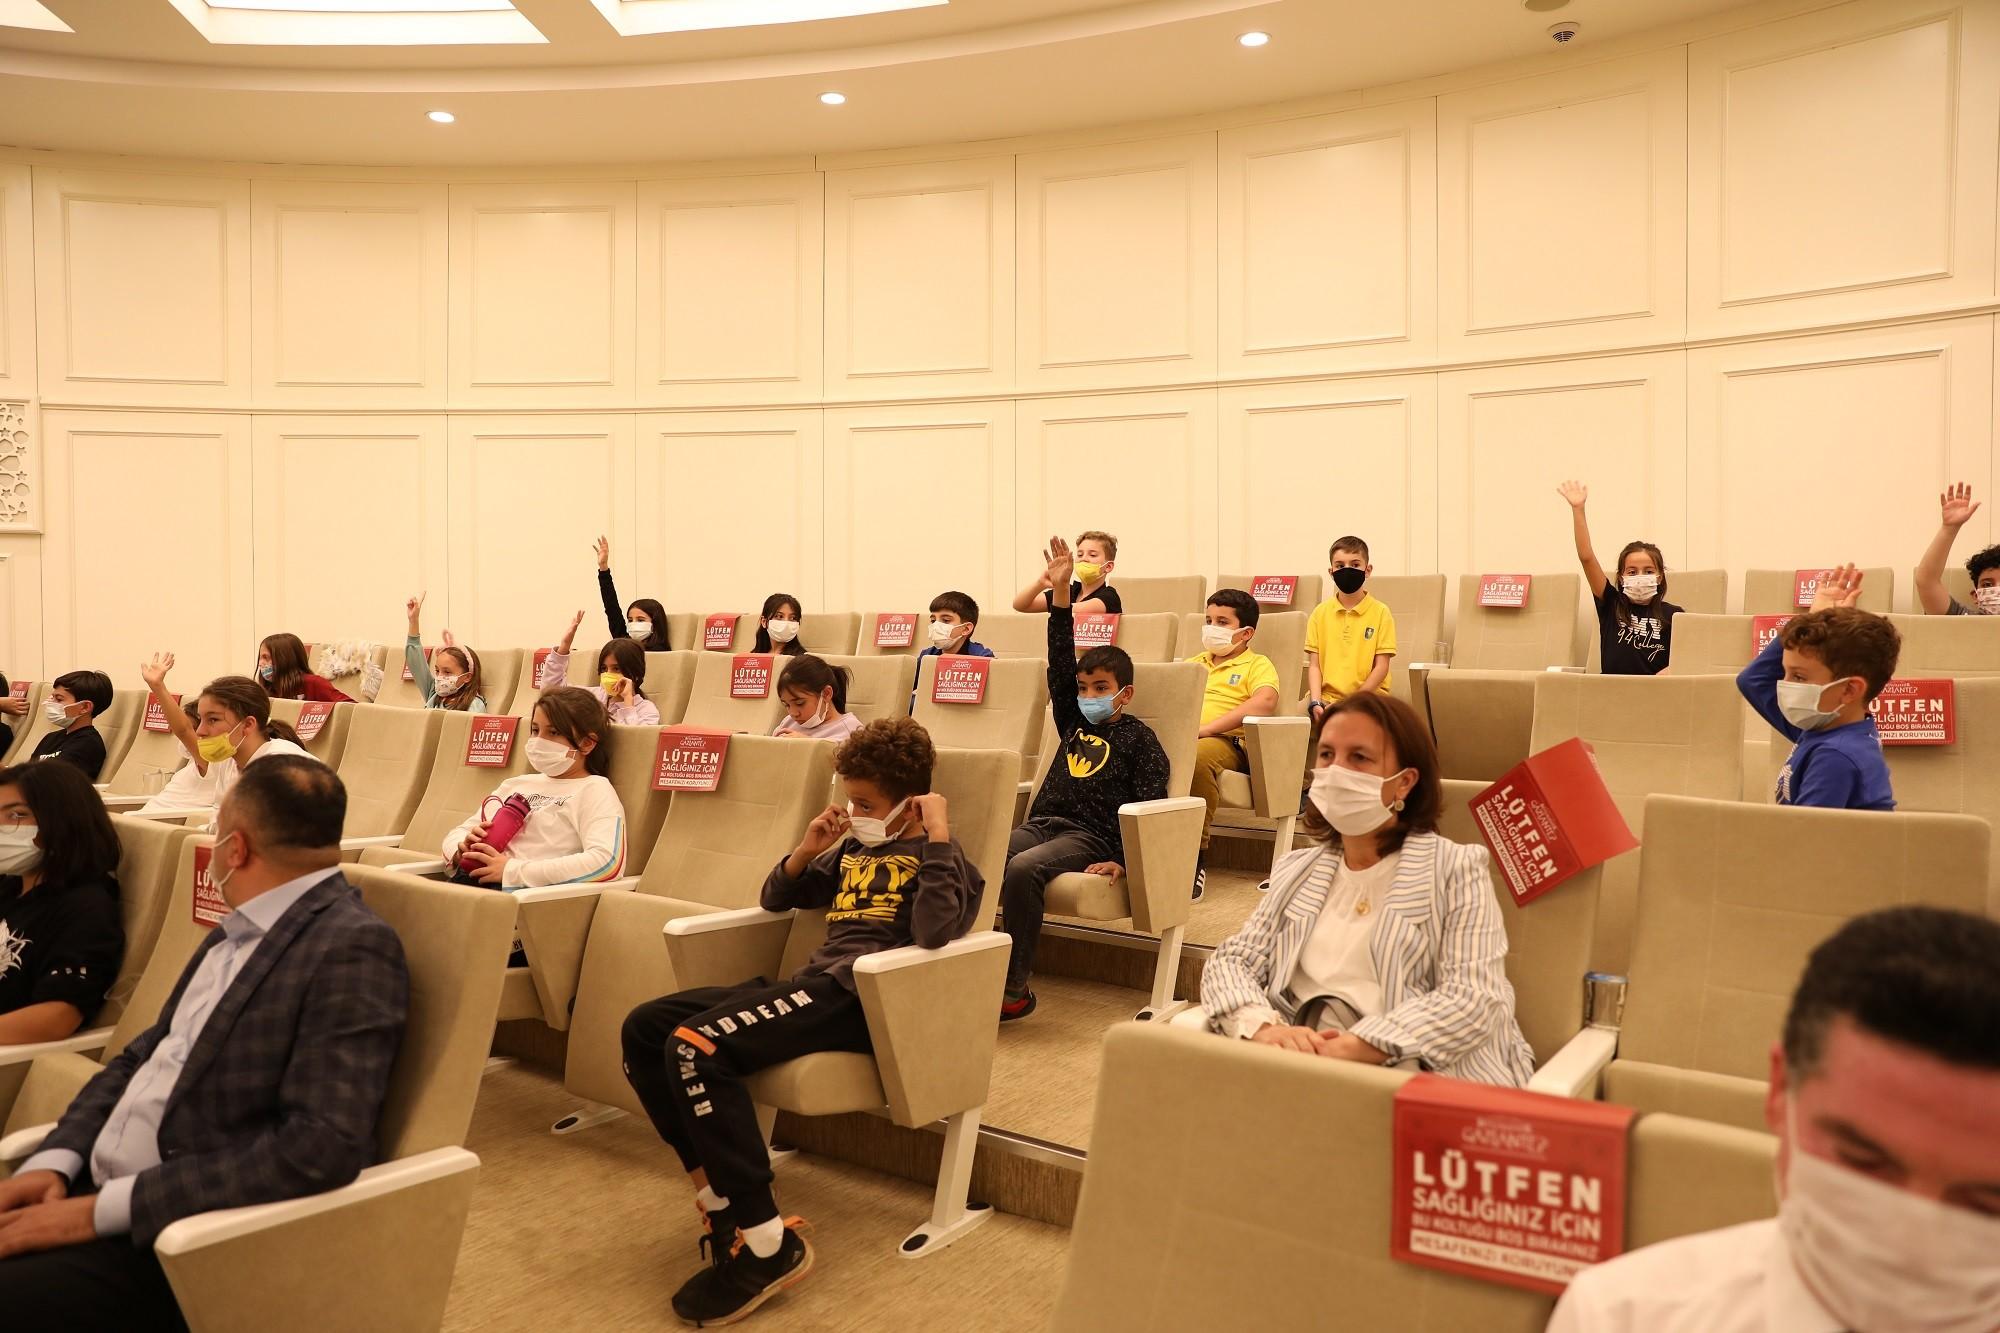 Büyükşehir'in meclis toplantısı, ilkokul öğrencileriyle renklendi